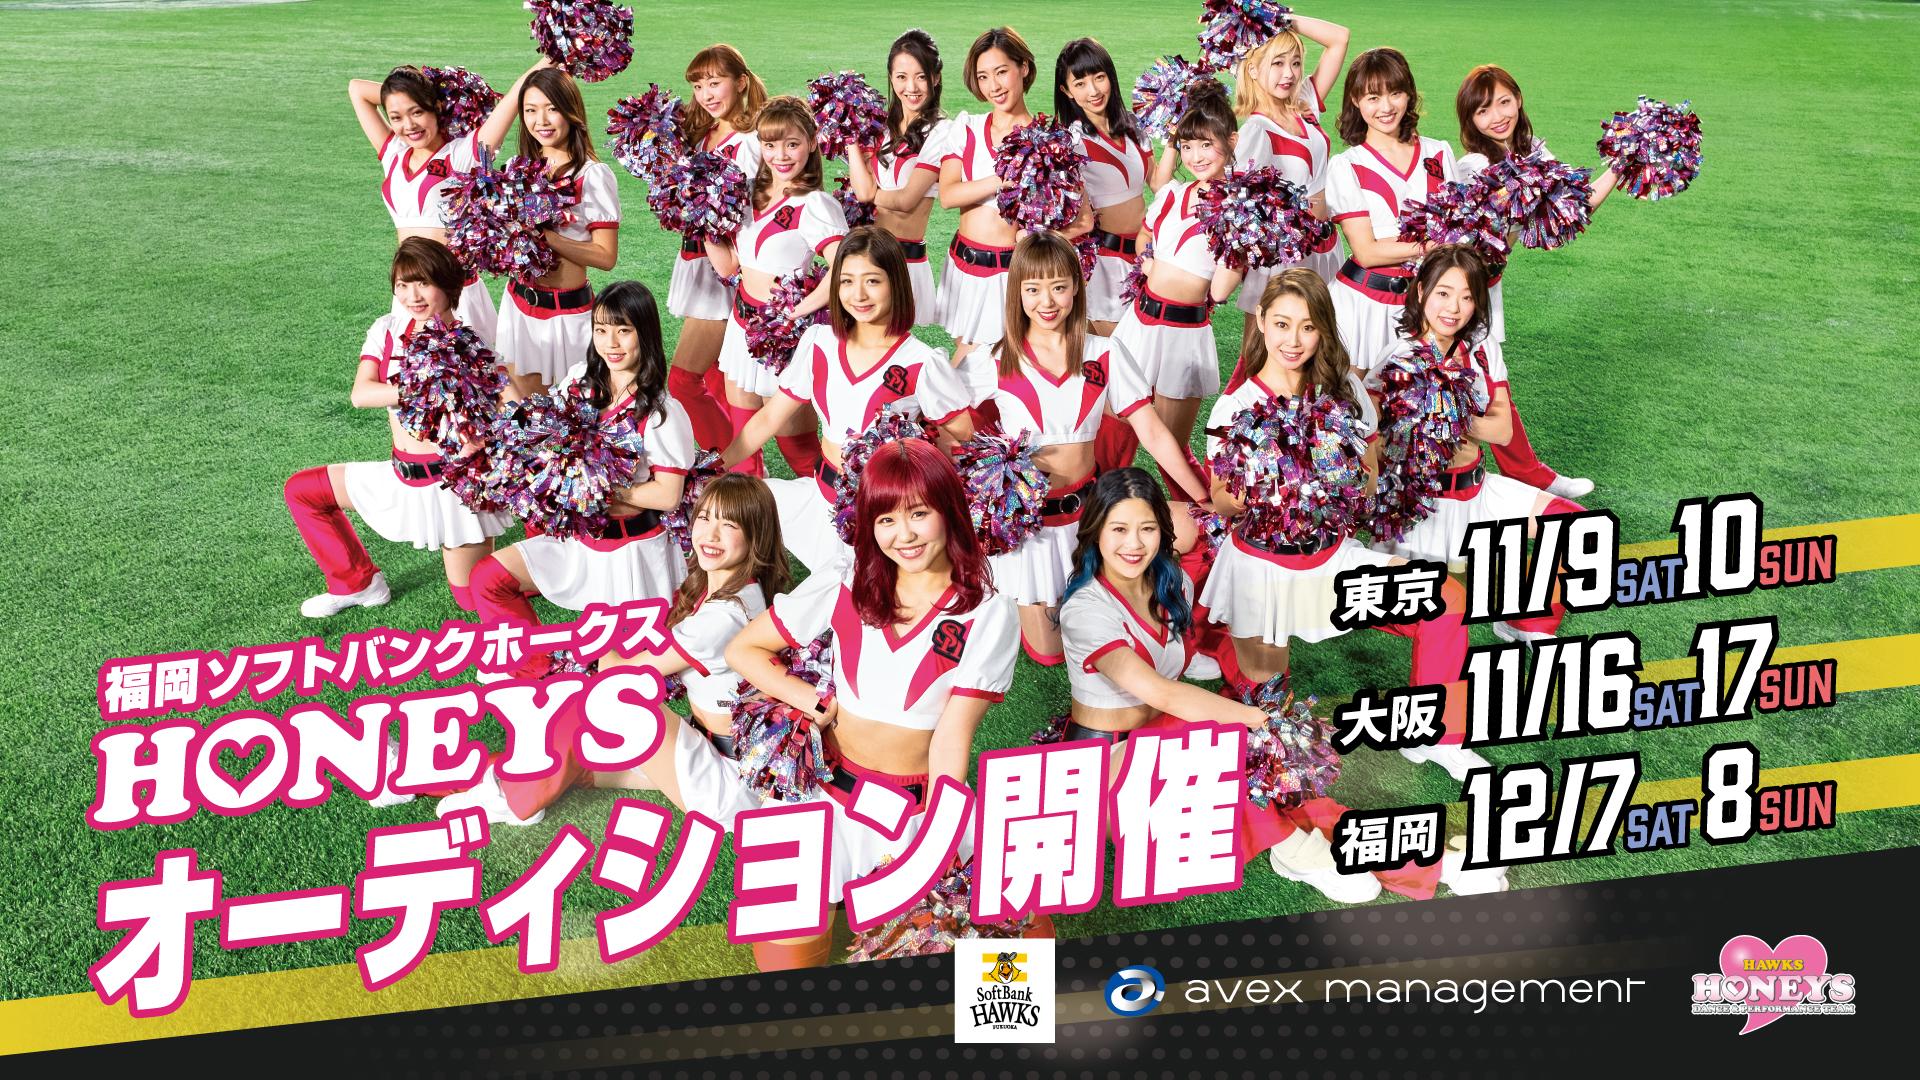 福岡ソフトバンクホークス オフィシャルダンスチーム「ハニーズ」のオーディションを開催!